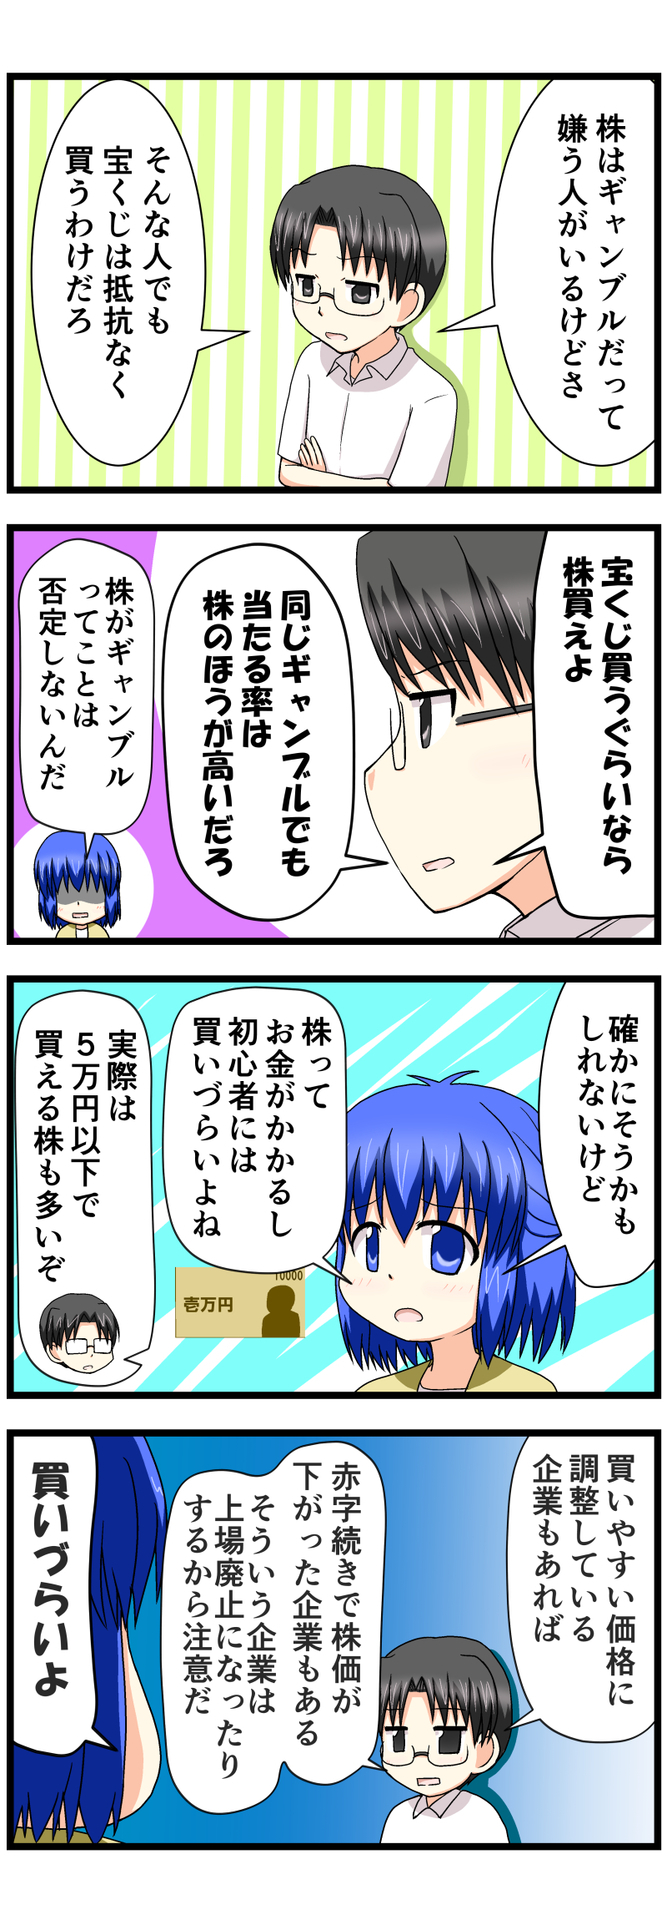 萌える株セミナー11.jpg